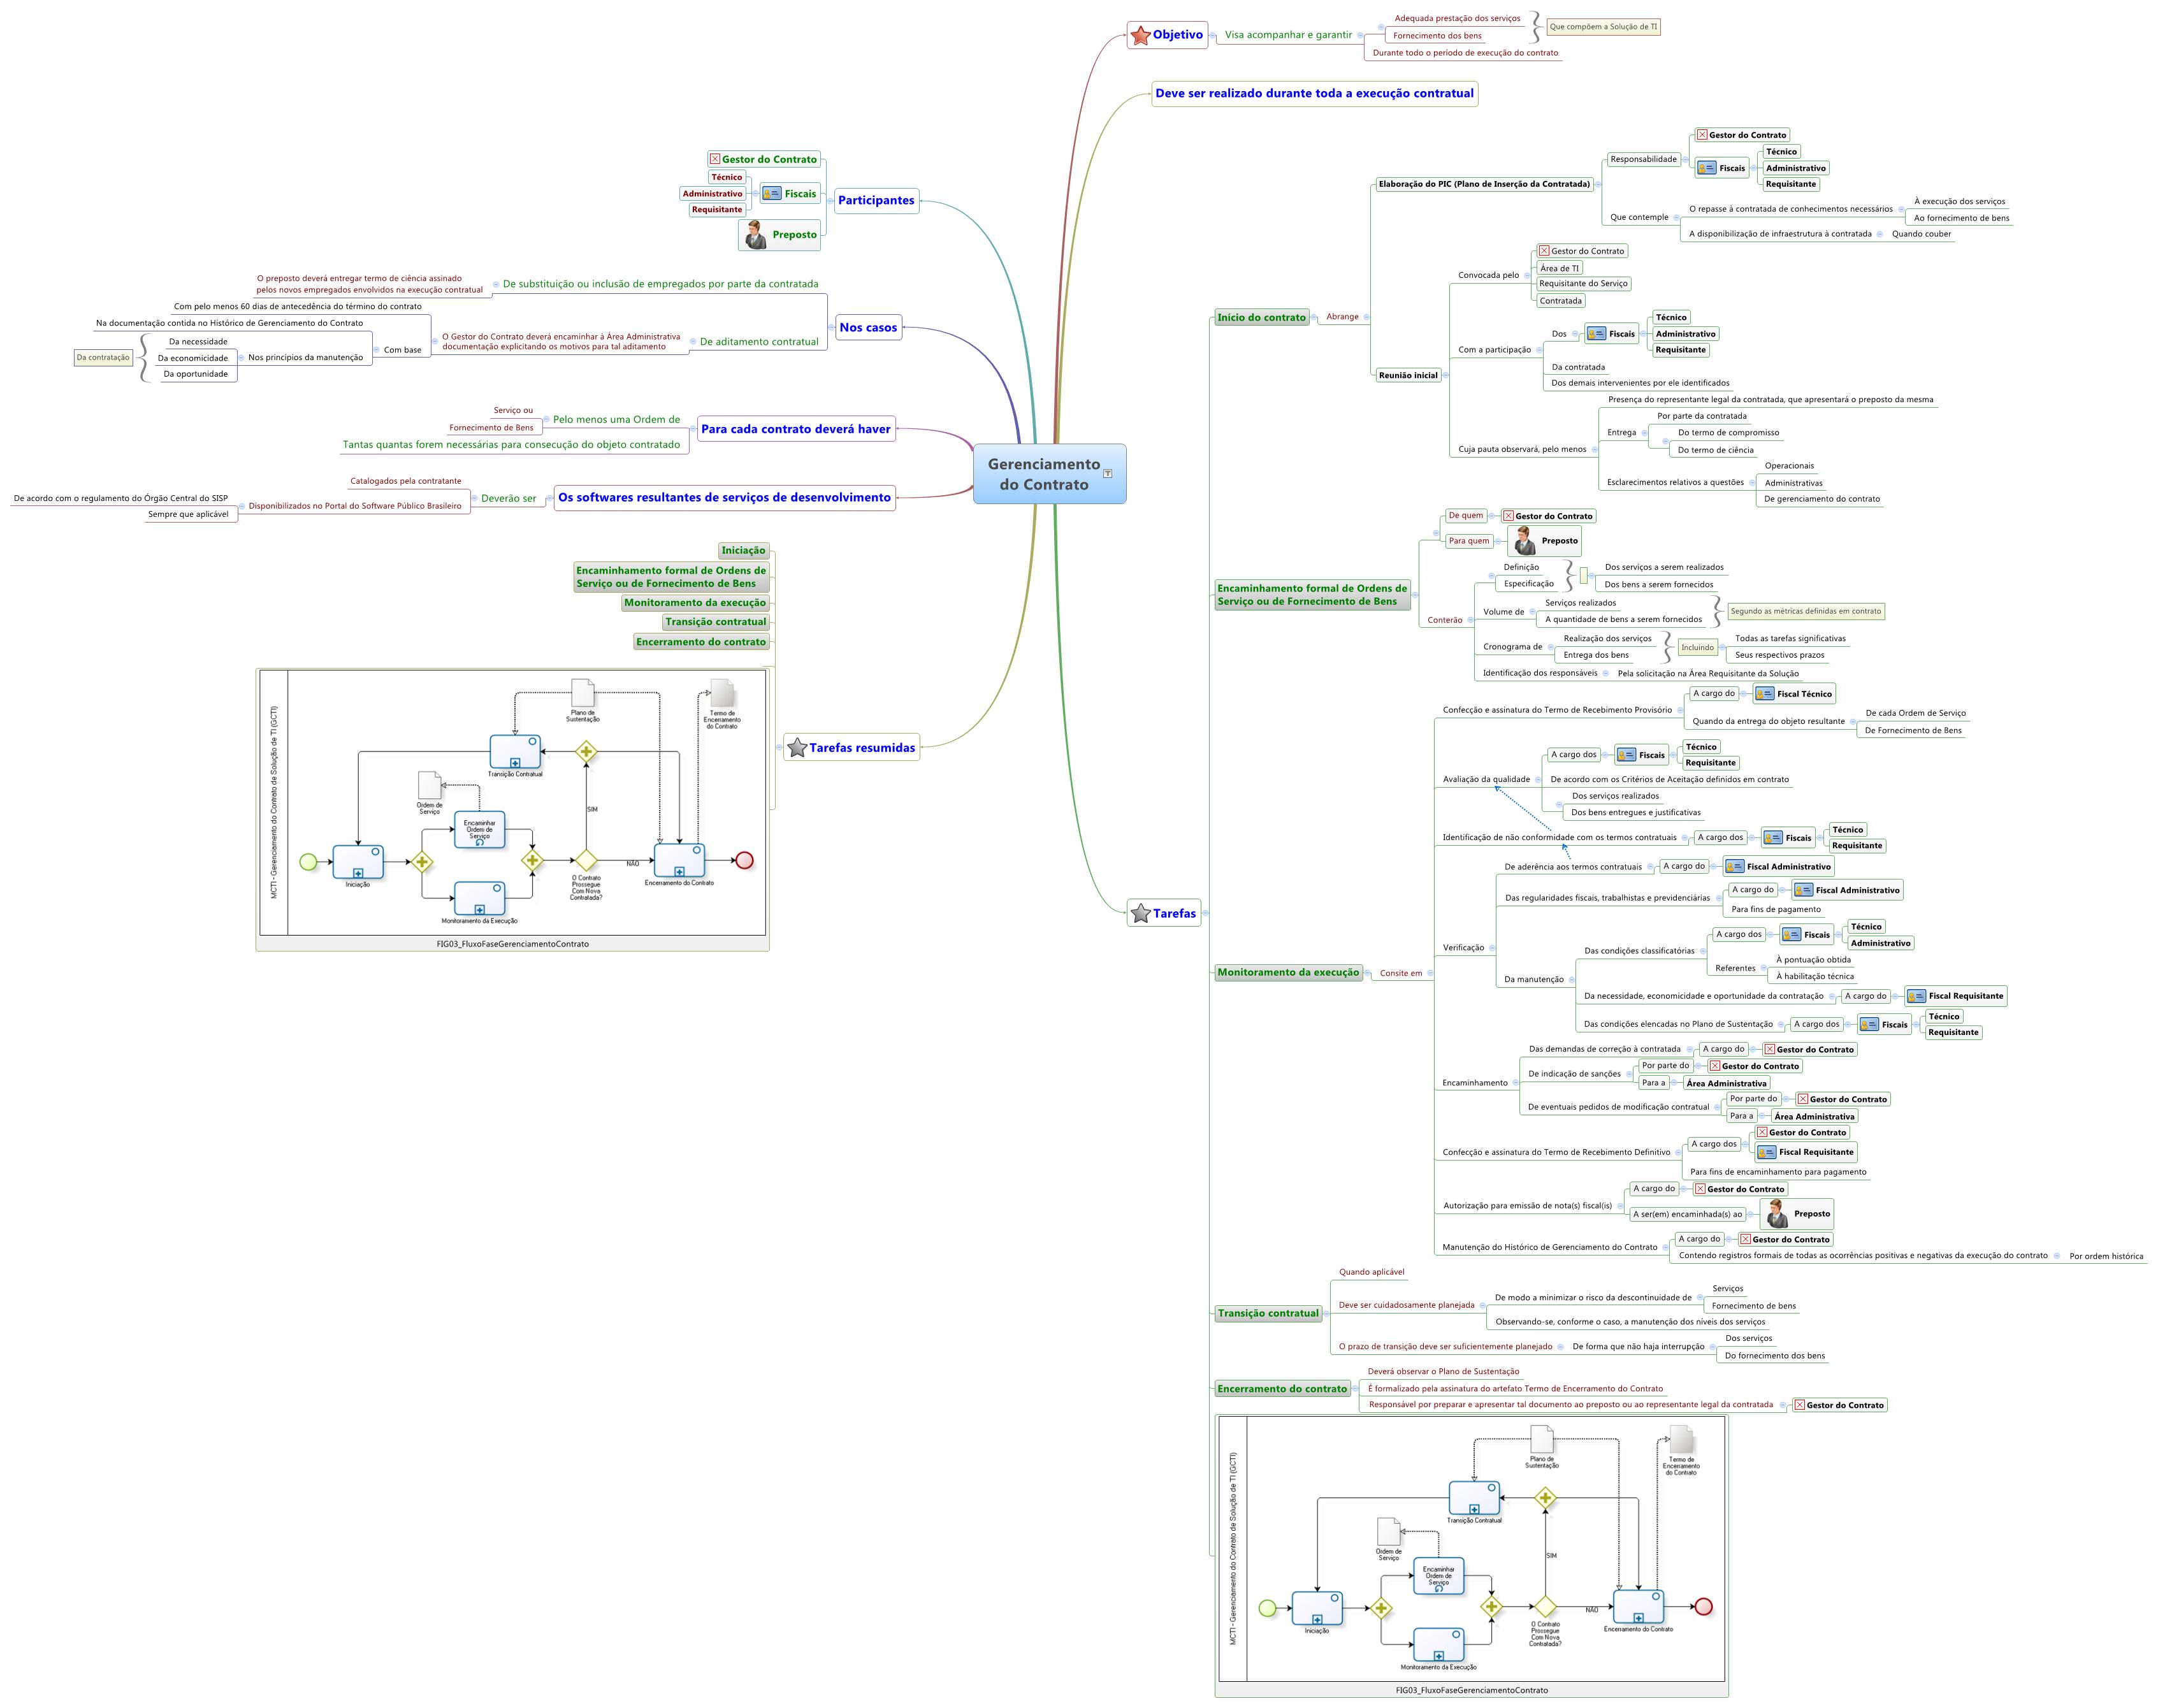 Mapa mental do Gerenciamento do Contrato